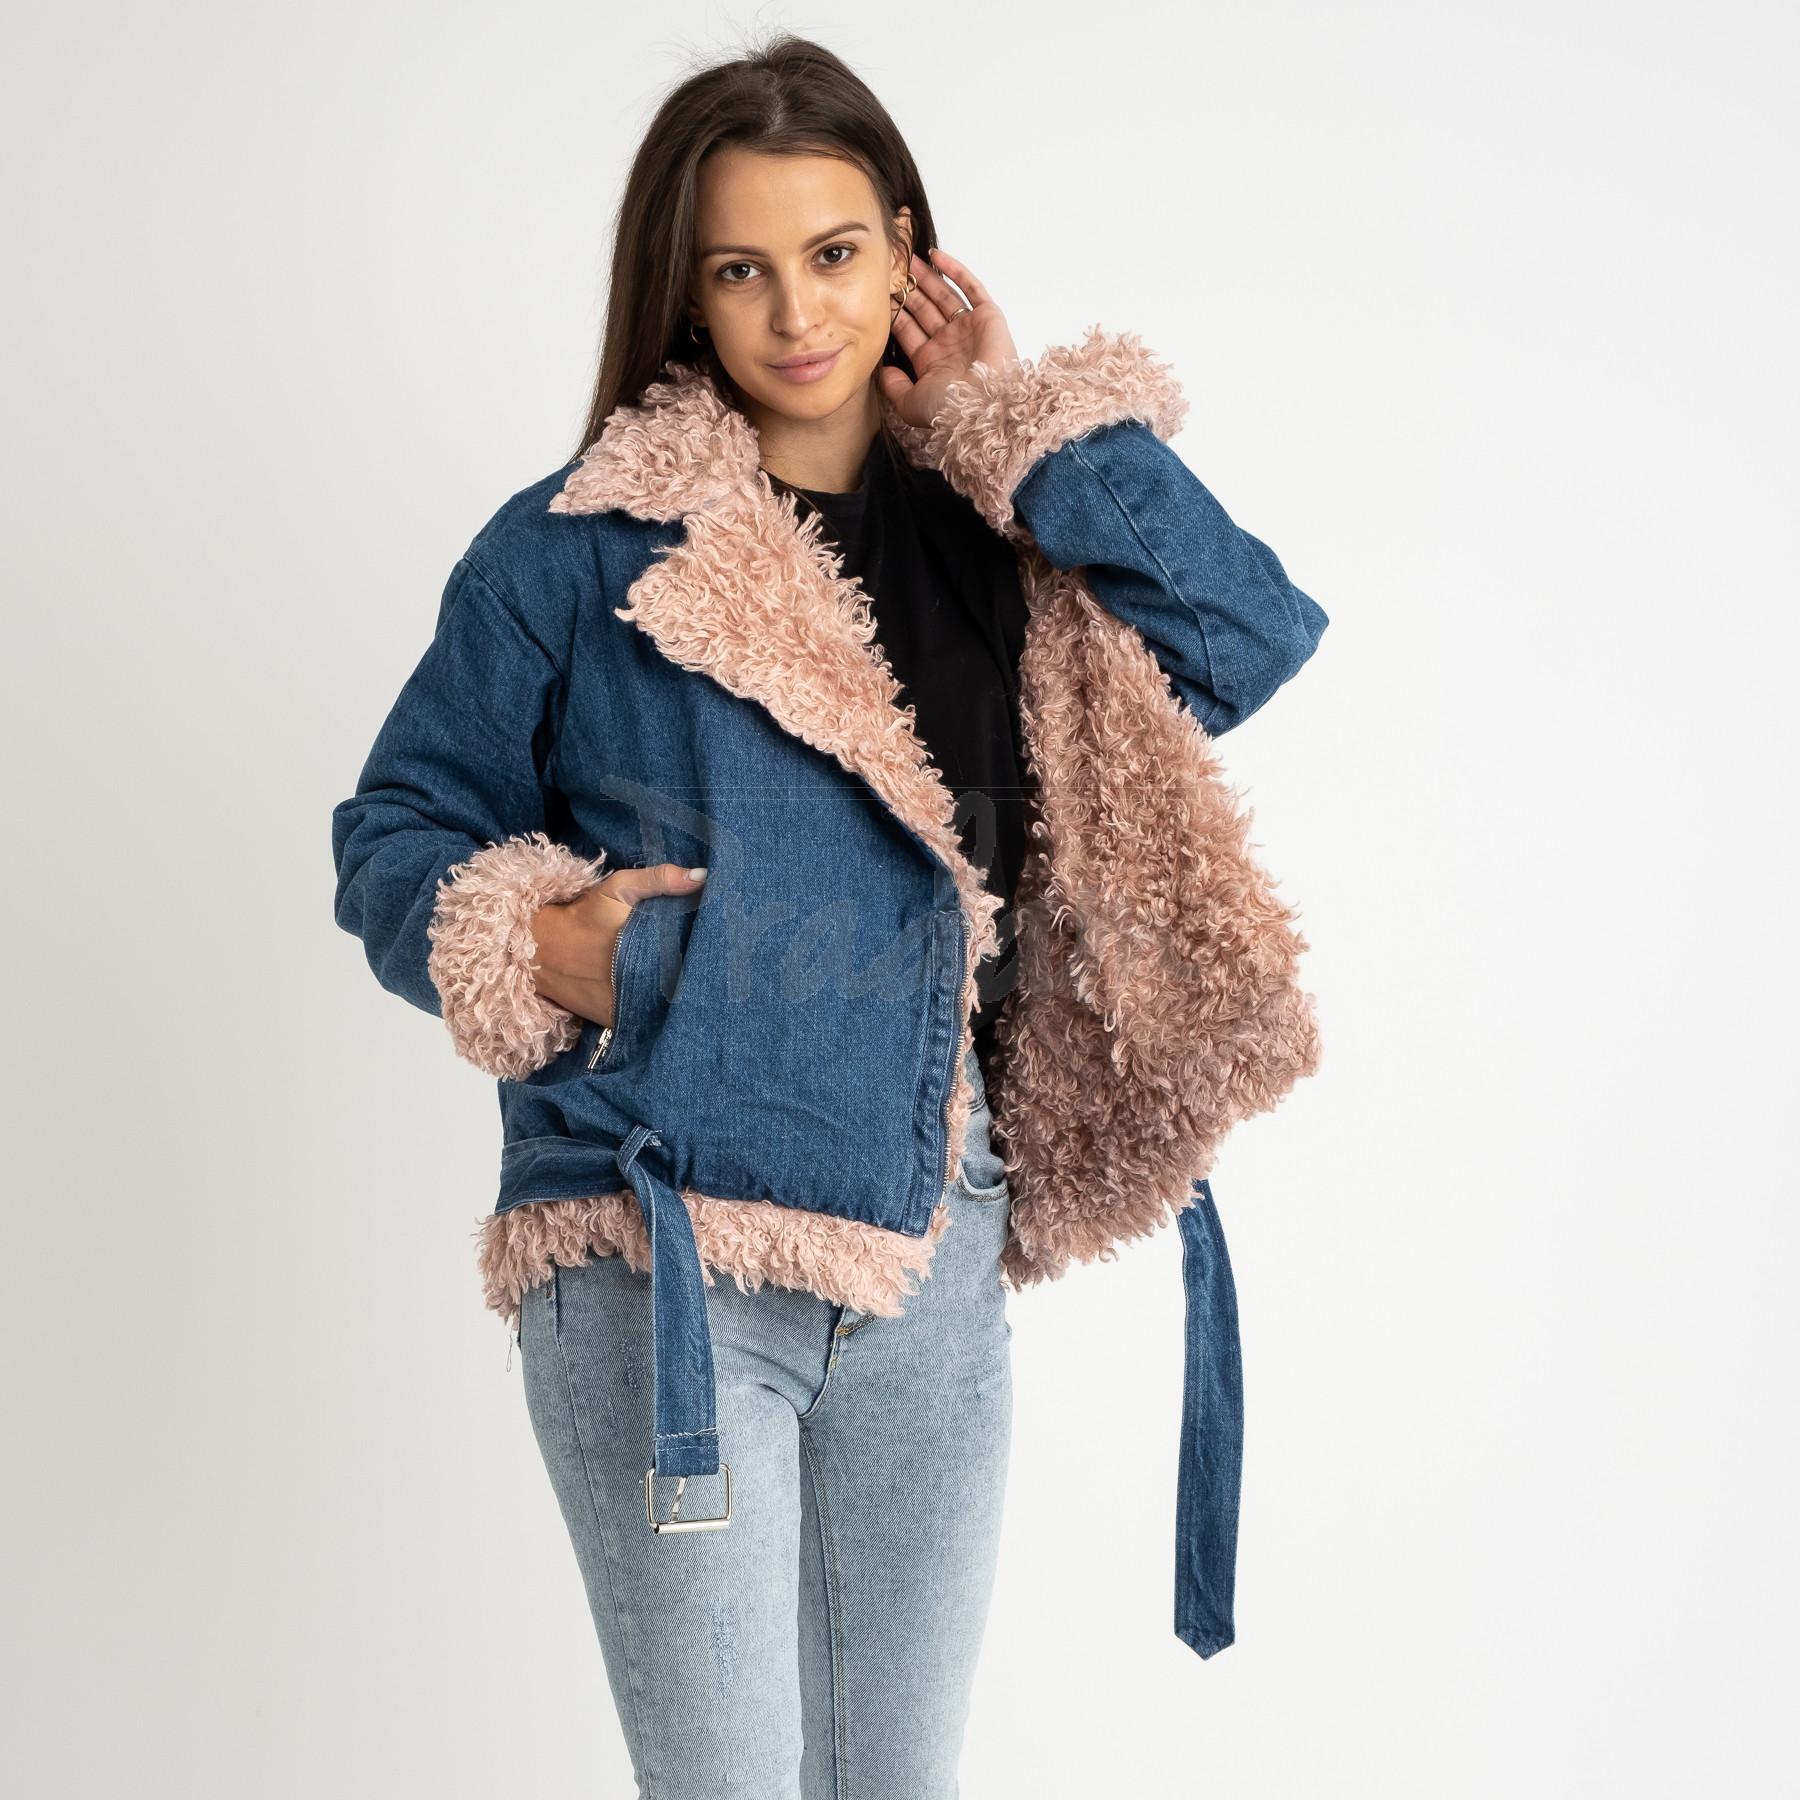 0868-01 куртка женская джинсовая с розовым мехом (1 ед.размер: M)